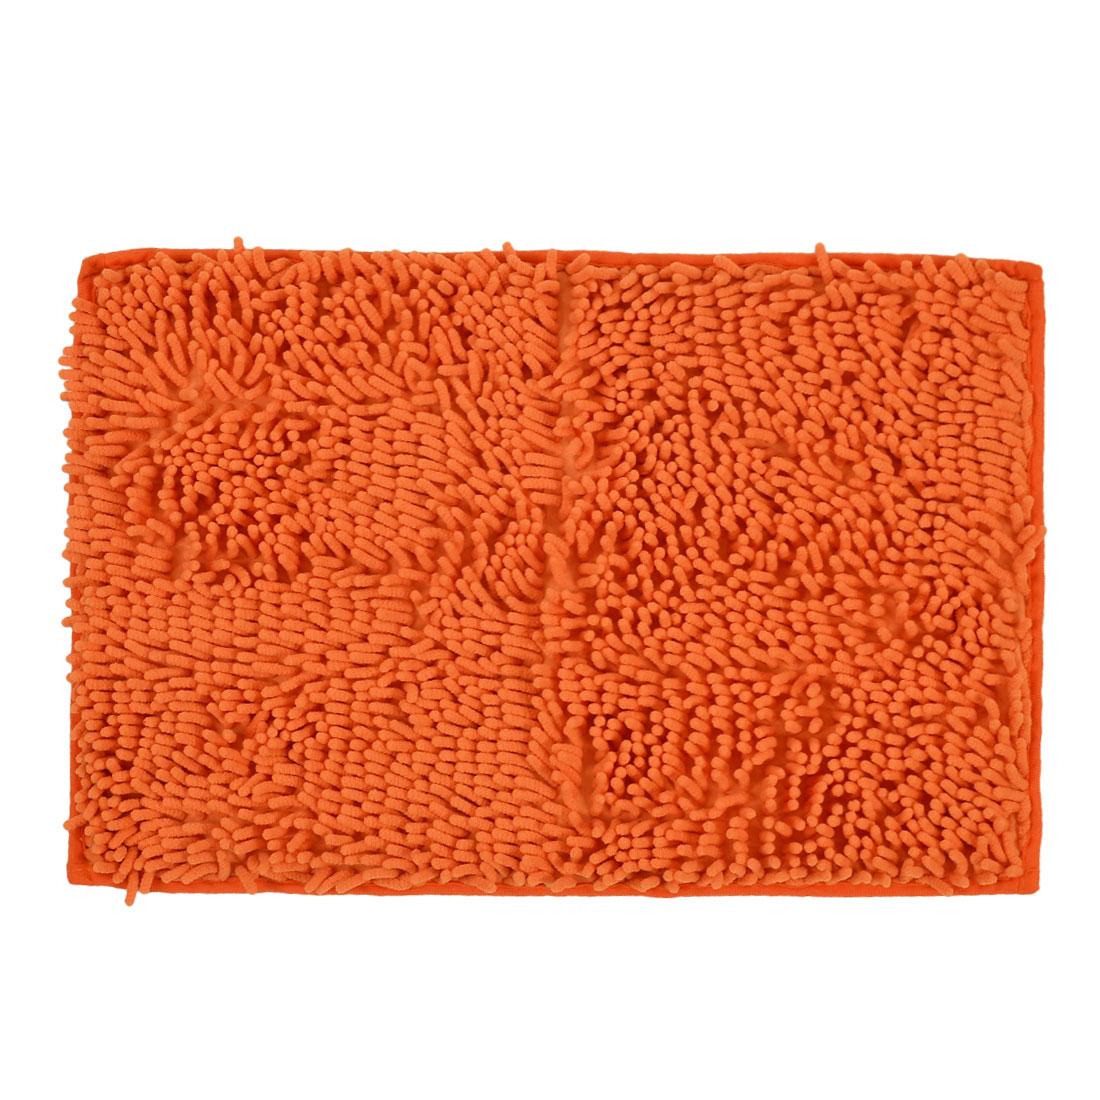 60cm x 40cm Orange Polyester Absorbent Slip-resistant Pad Bath Mat Shower Rug